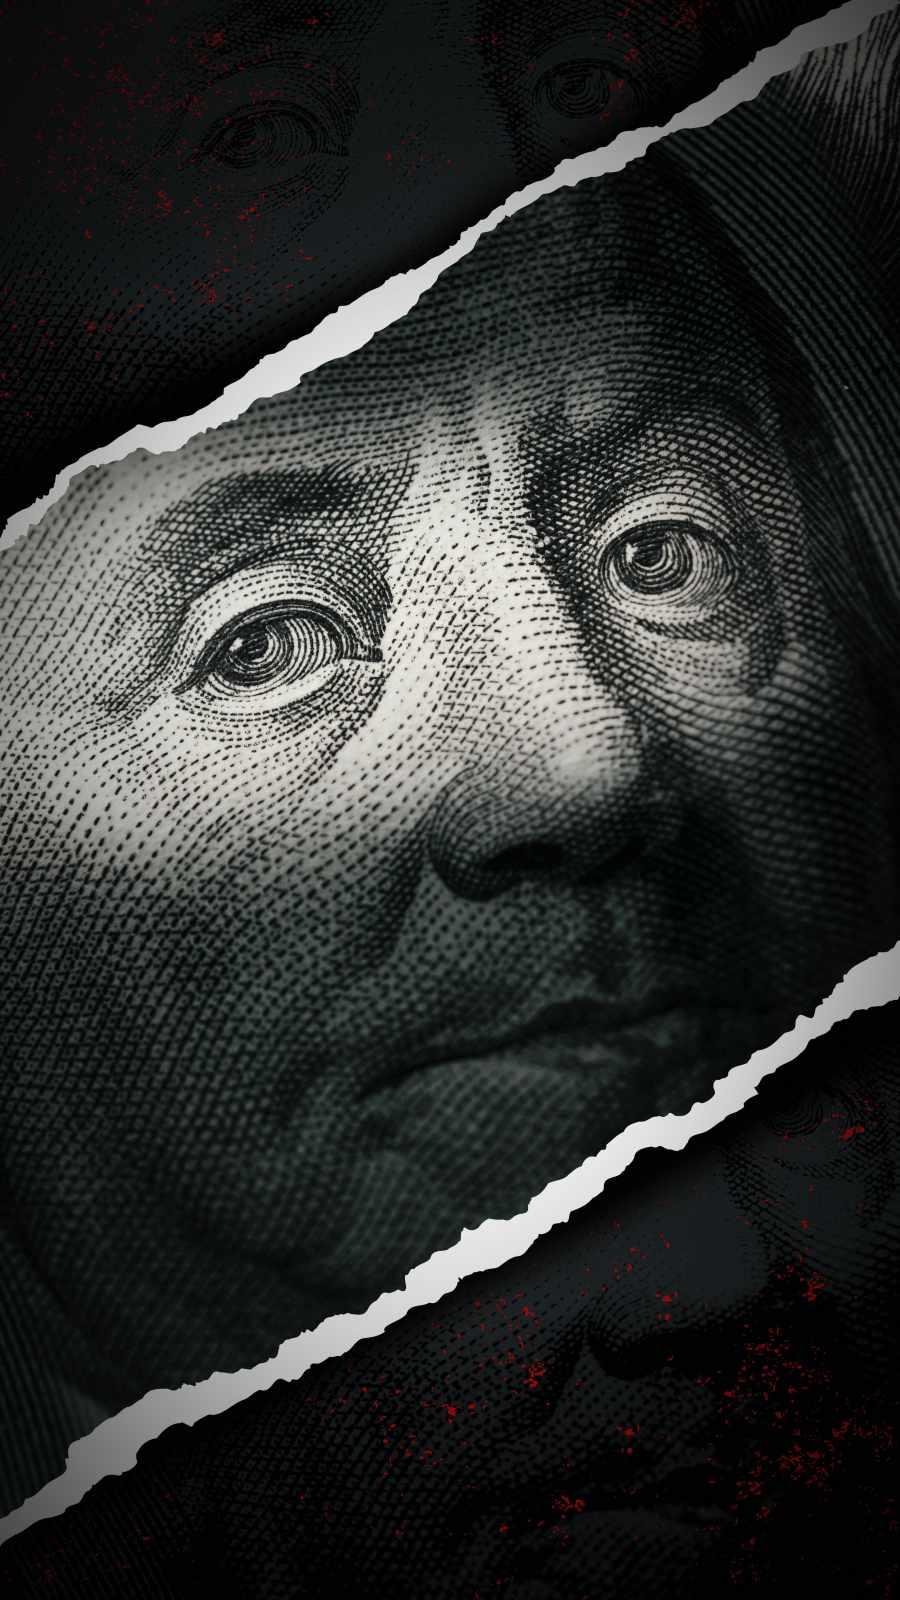 Benjamin Franklin Money - IPhone Wallpapers